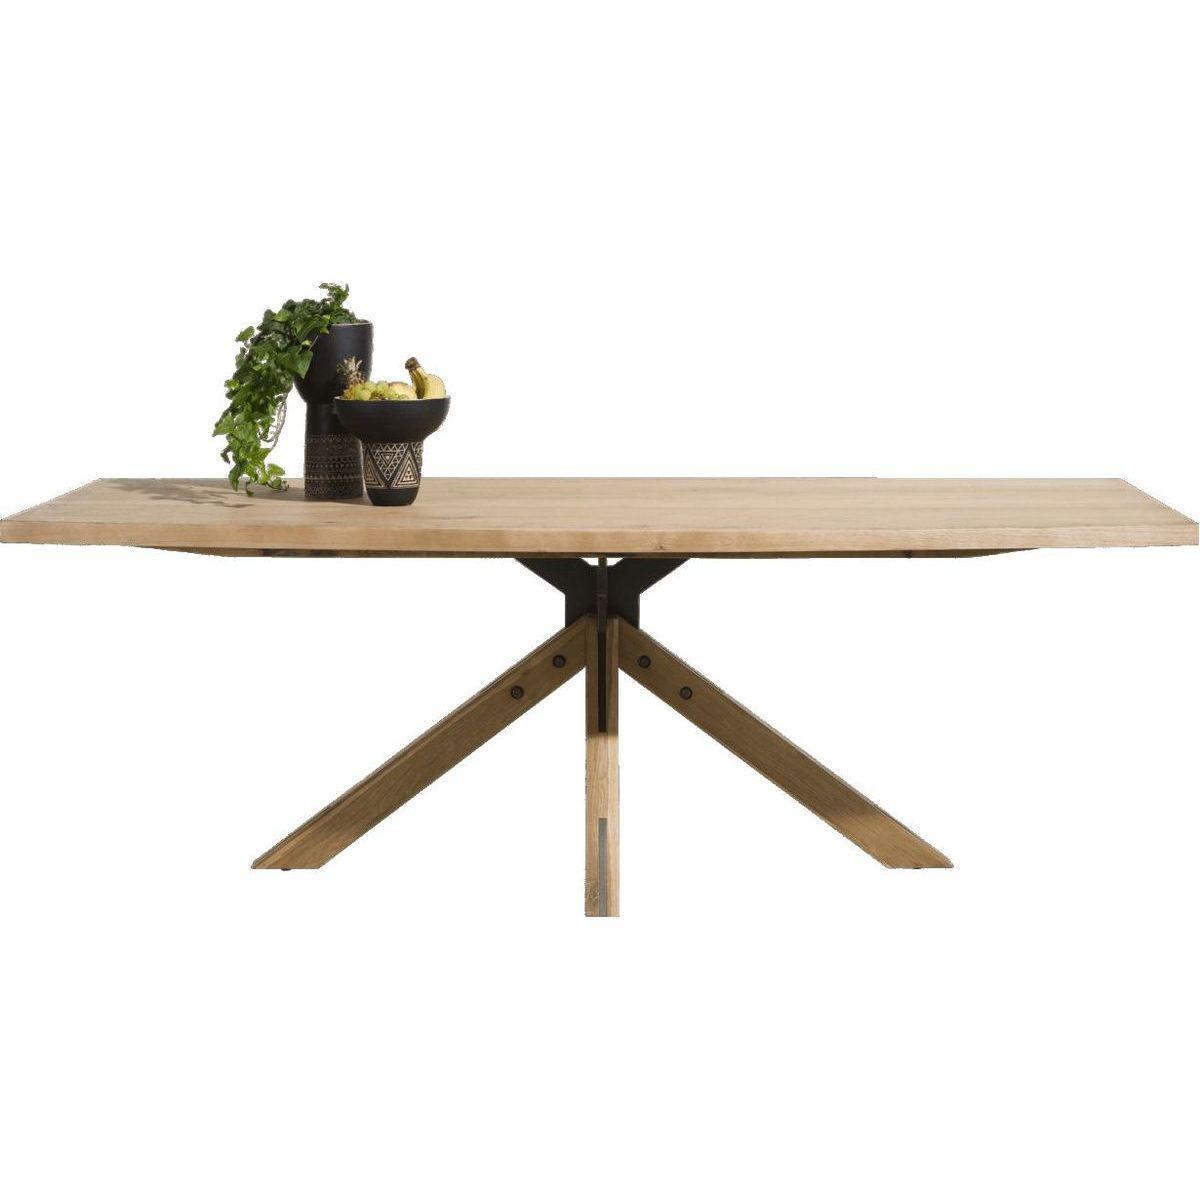 Table fixe JARDINO Henders & Hazel chêne 105x230cm